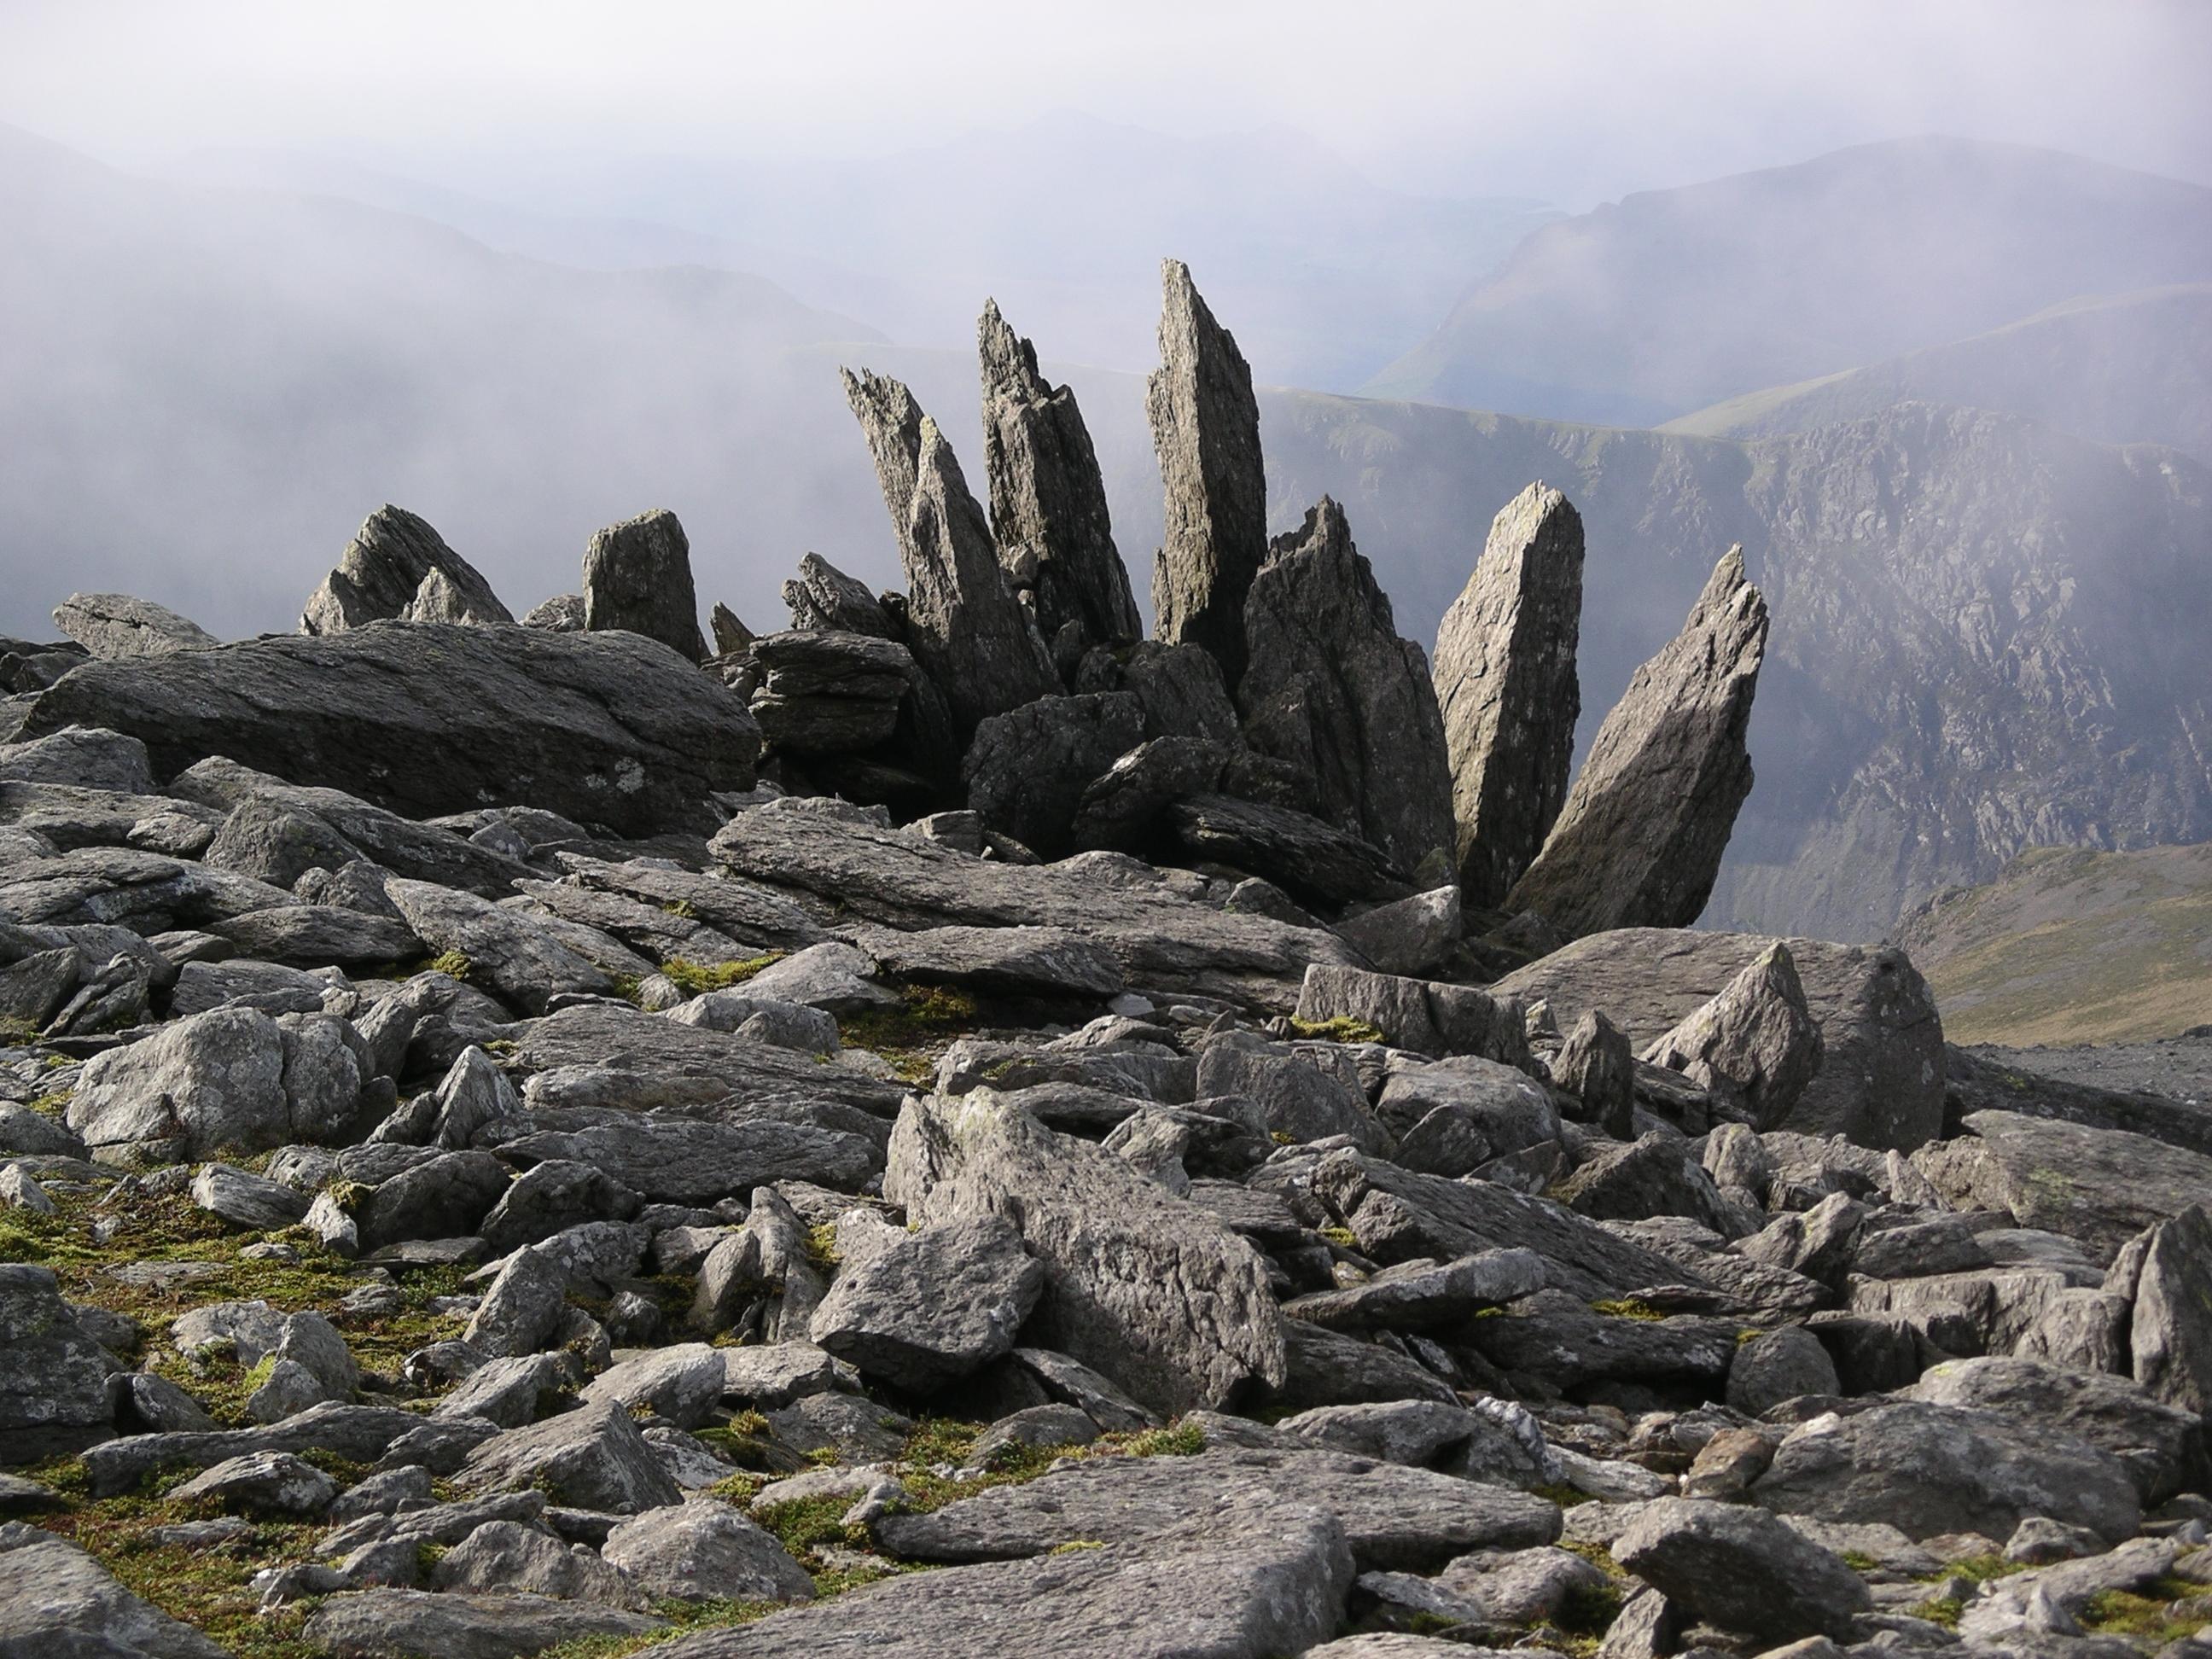 File:Glyder Fawr rocks.JPG - Wikimedia Commons